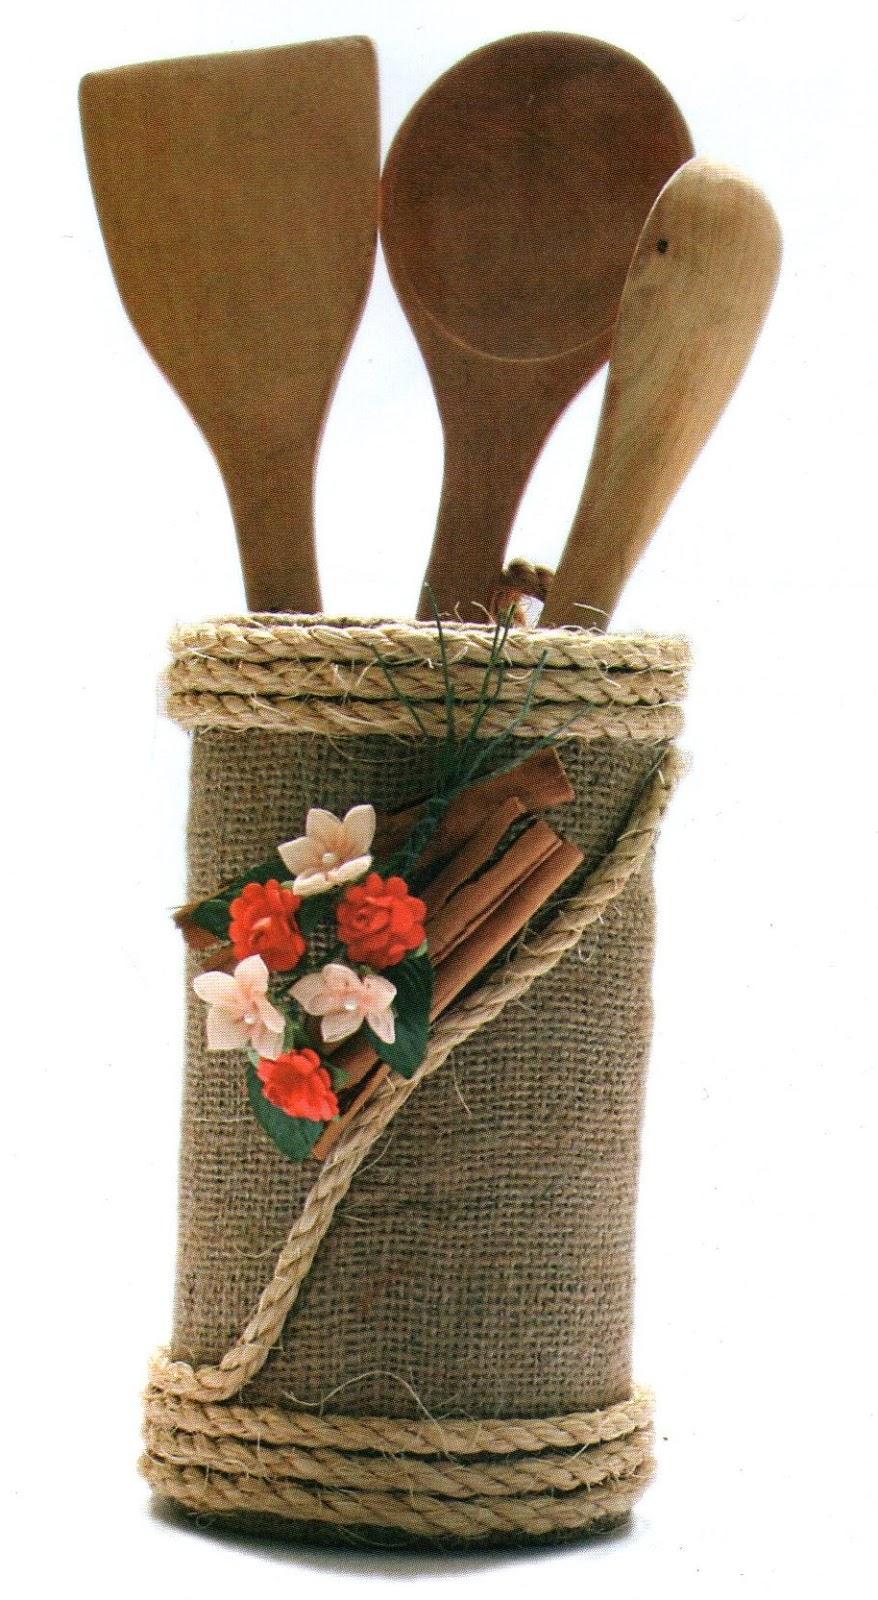 Detodomanualidades como hacer un porta cucharones rustico for Cucharones de cocina